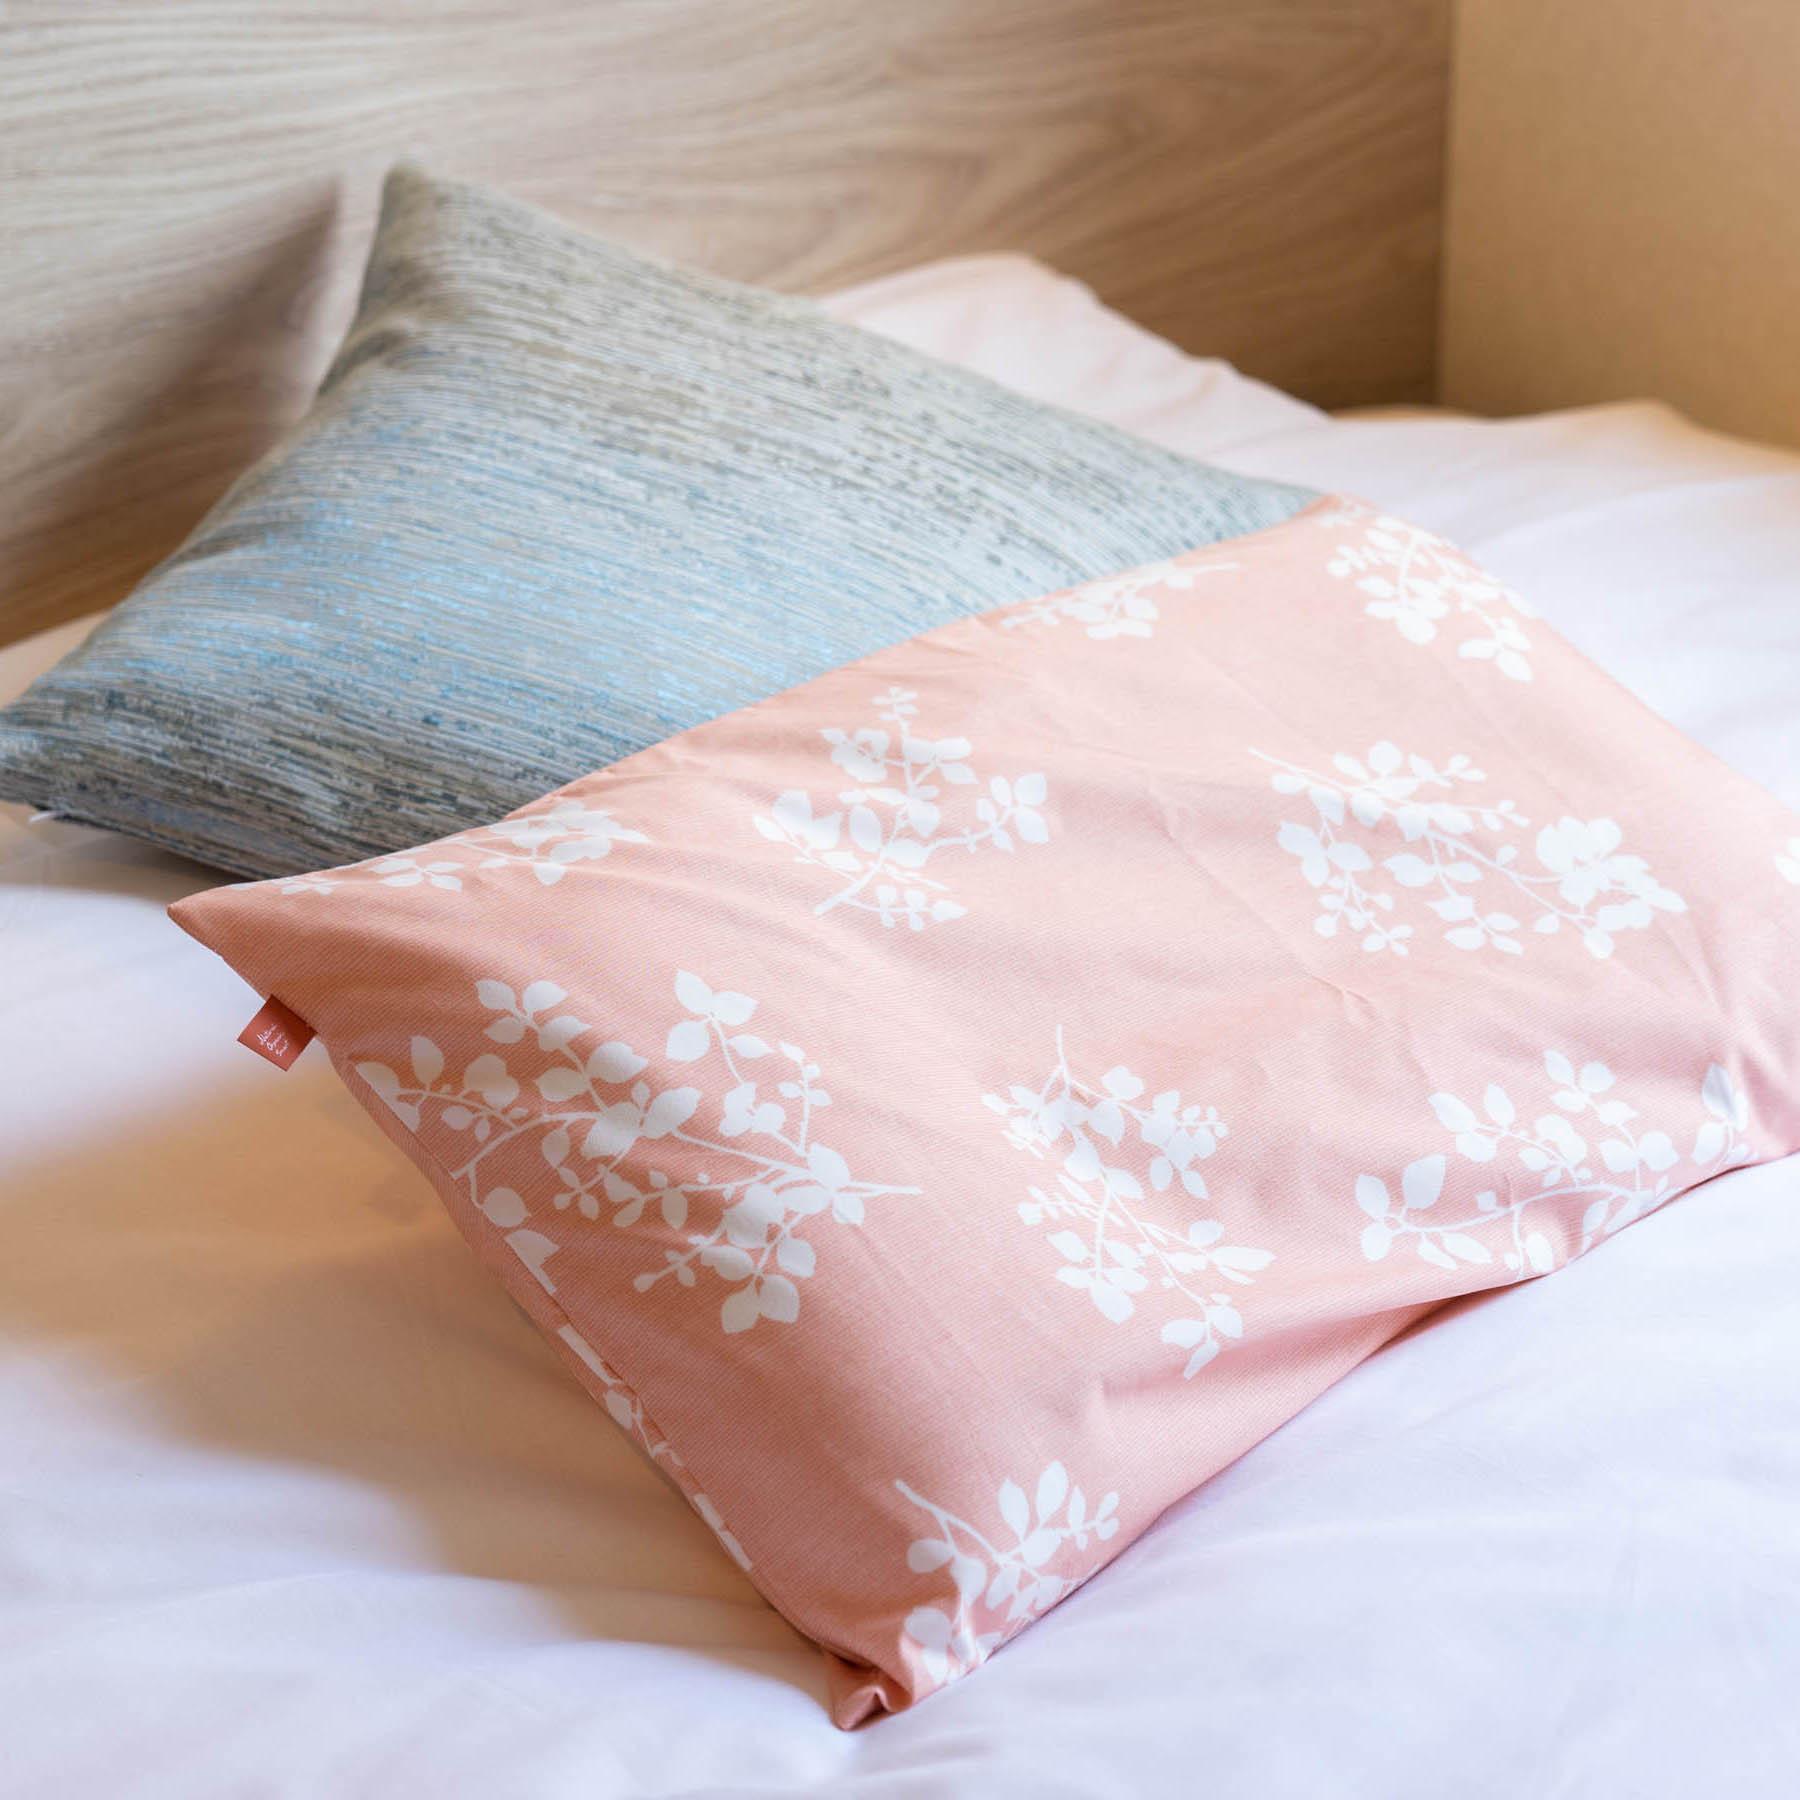 じぶんまくらとコラボした枕『もちふわレディース枕』